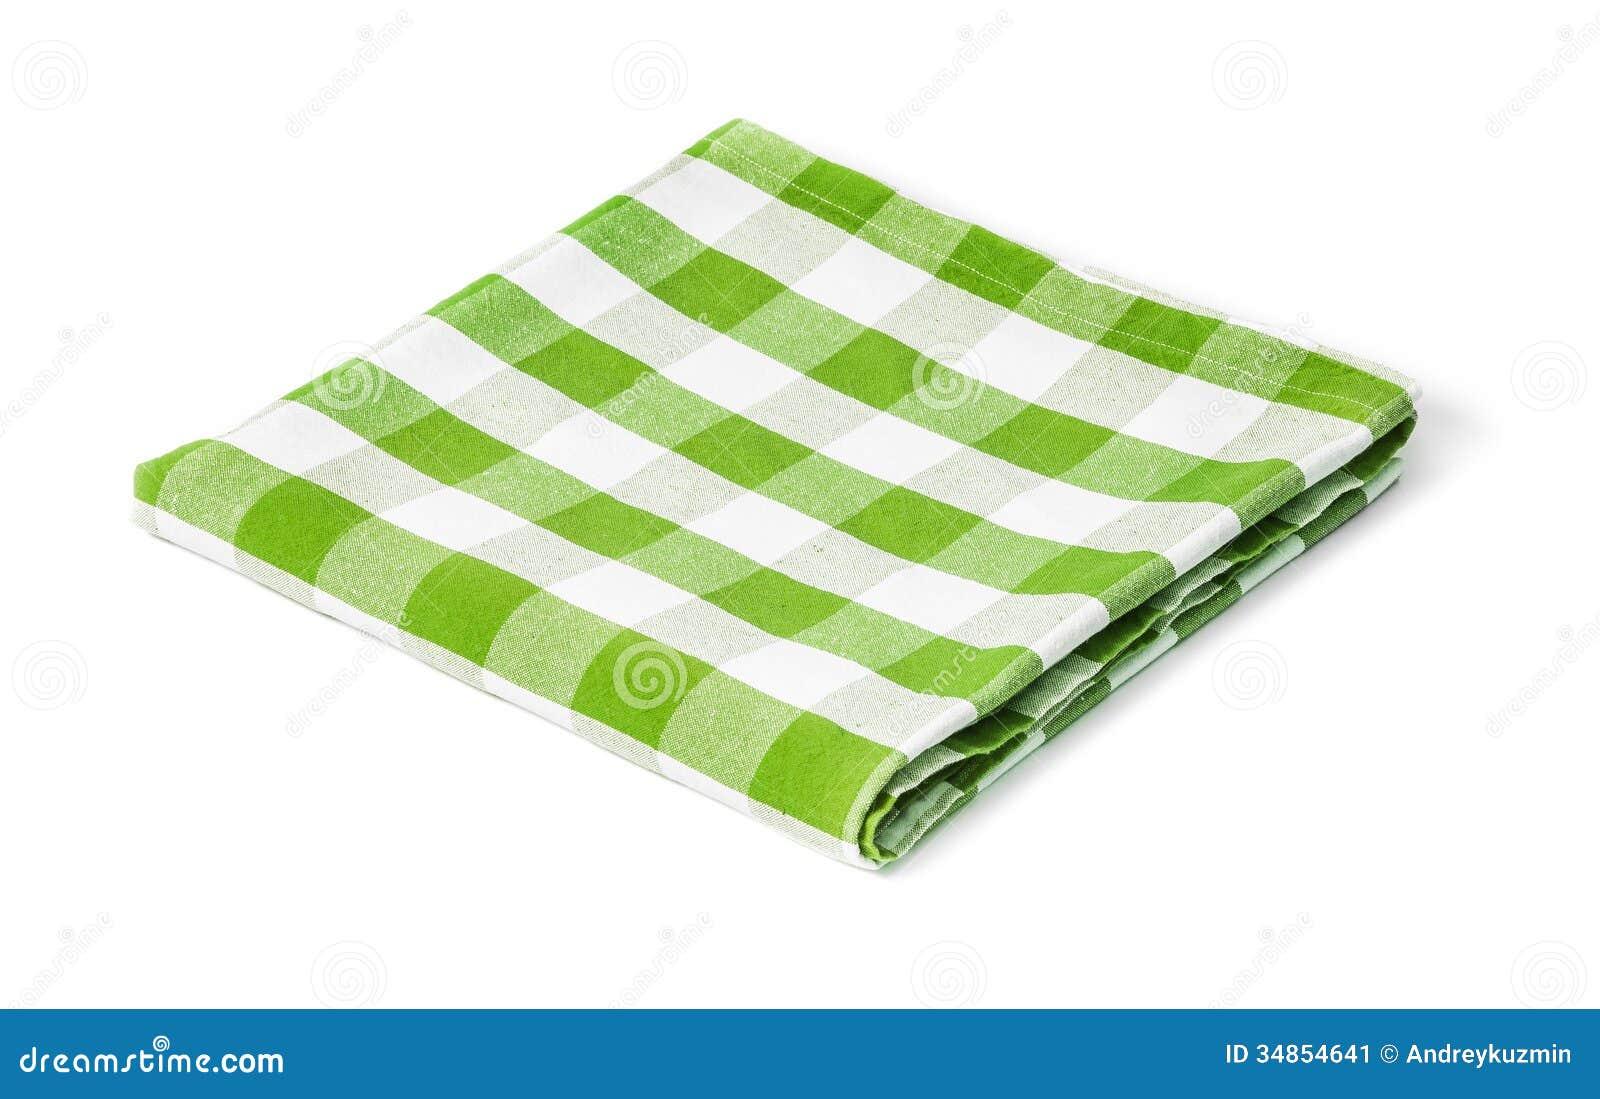 nappe verte de pique nique d isolement image stock image 34854641